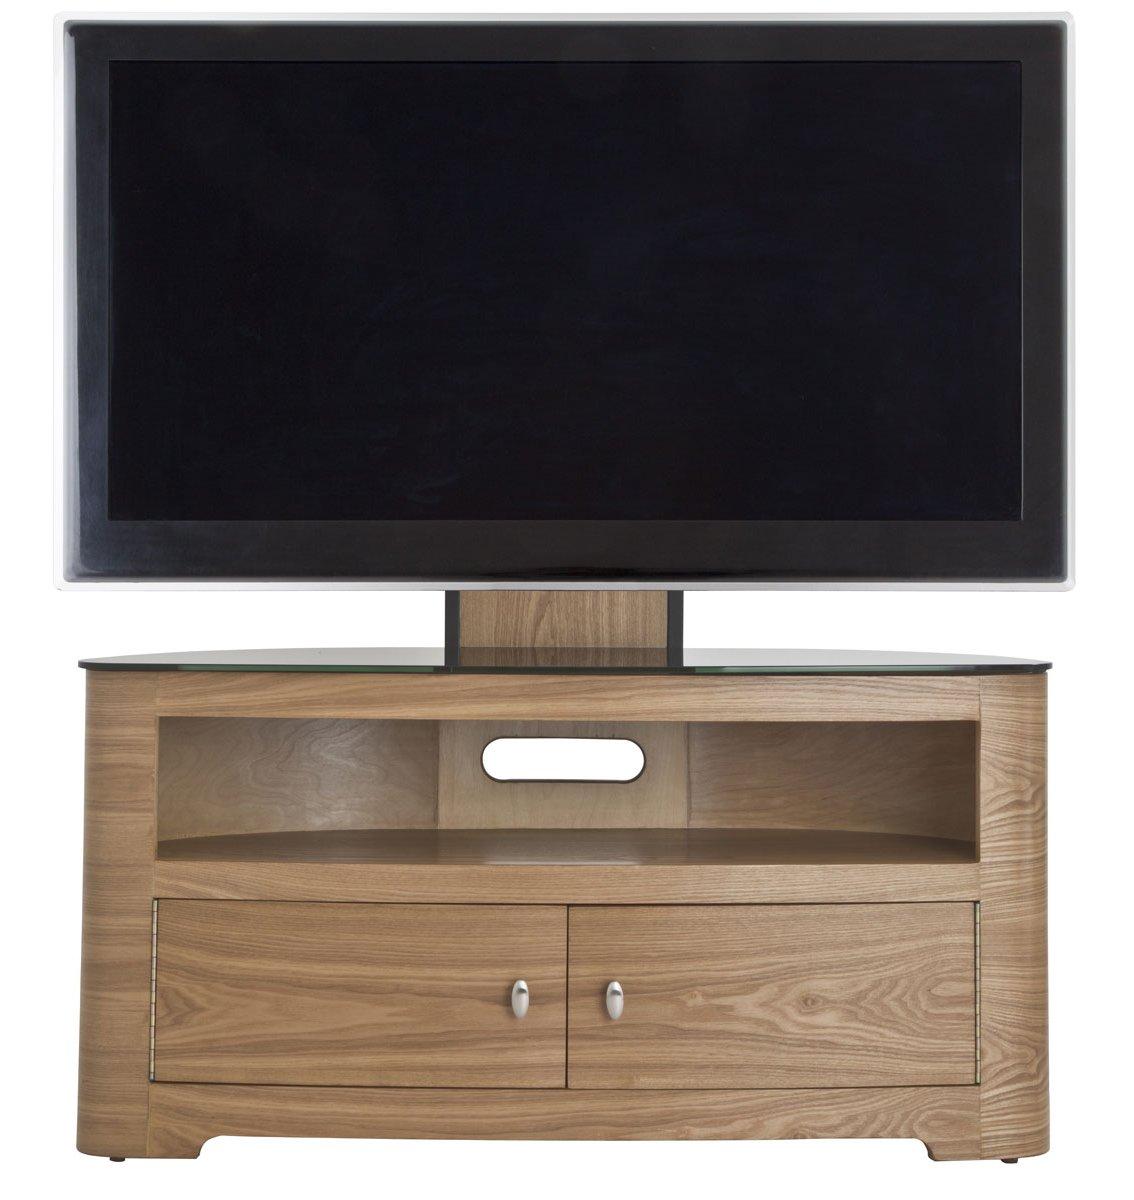 avf blenheim oak cantilever tv stand. Black Bedroom Furniture Sets. Home Design Ideas